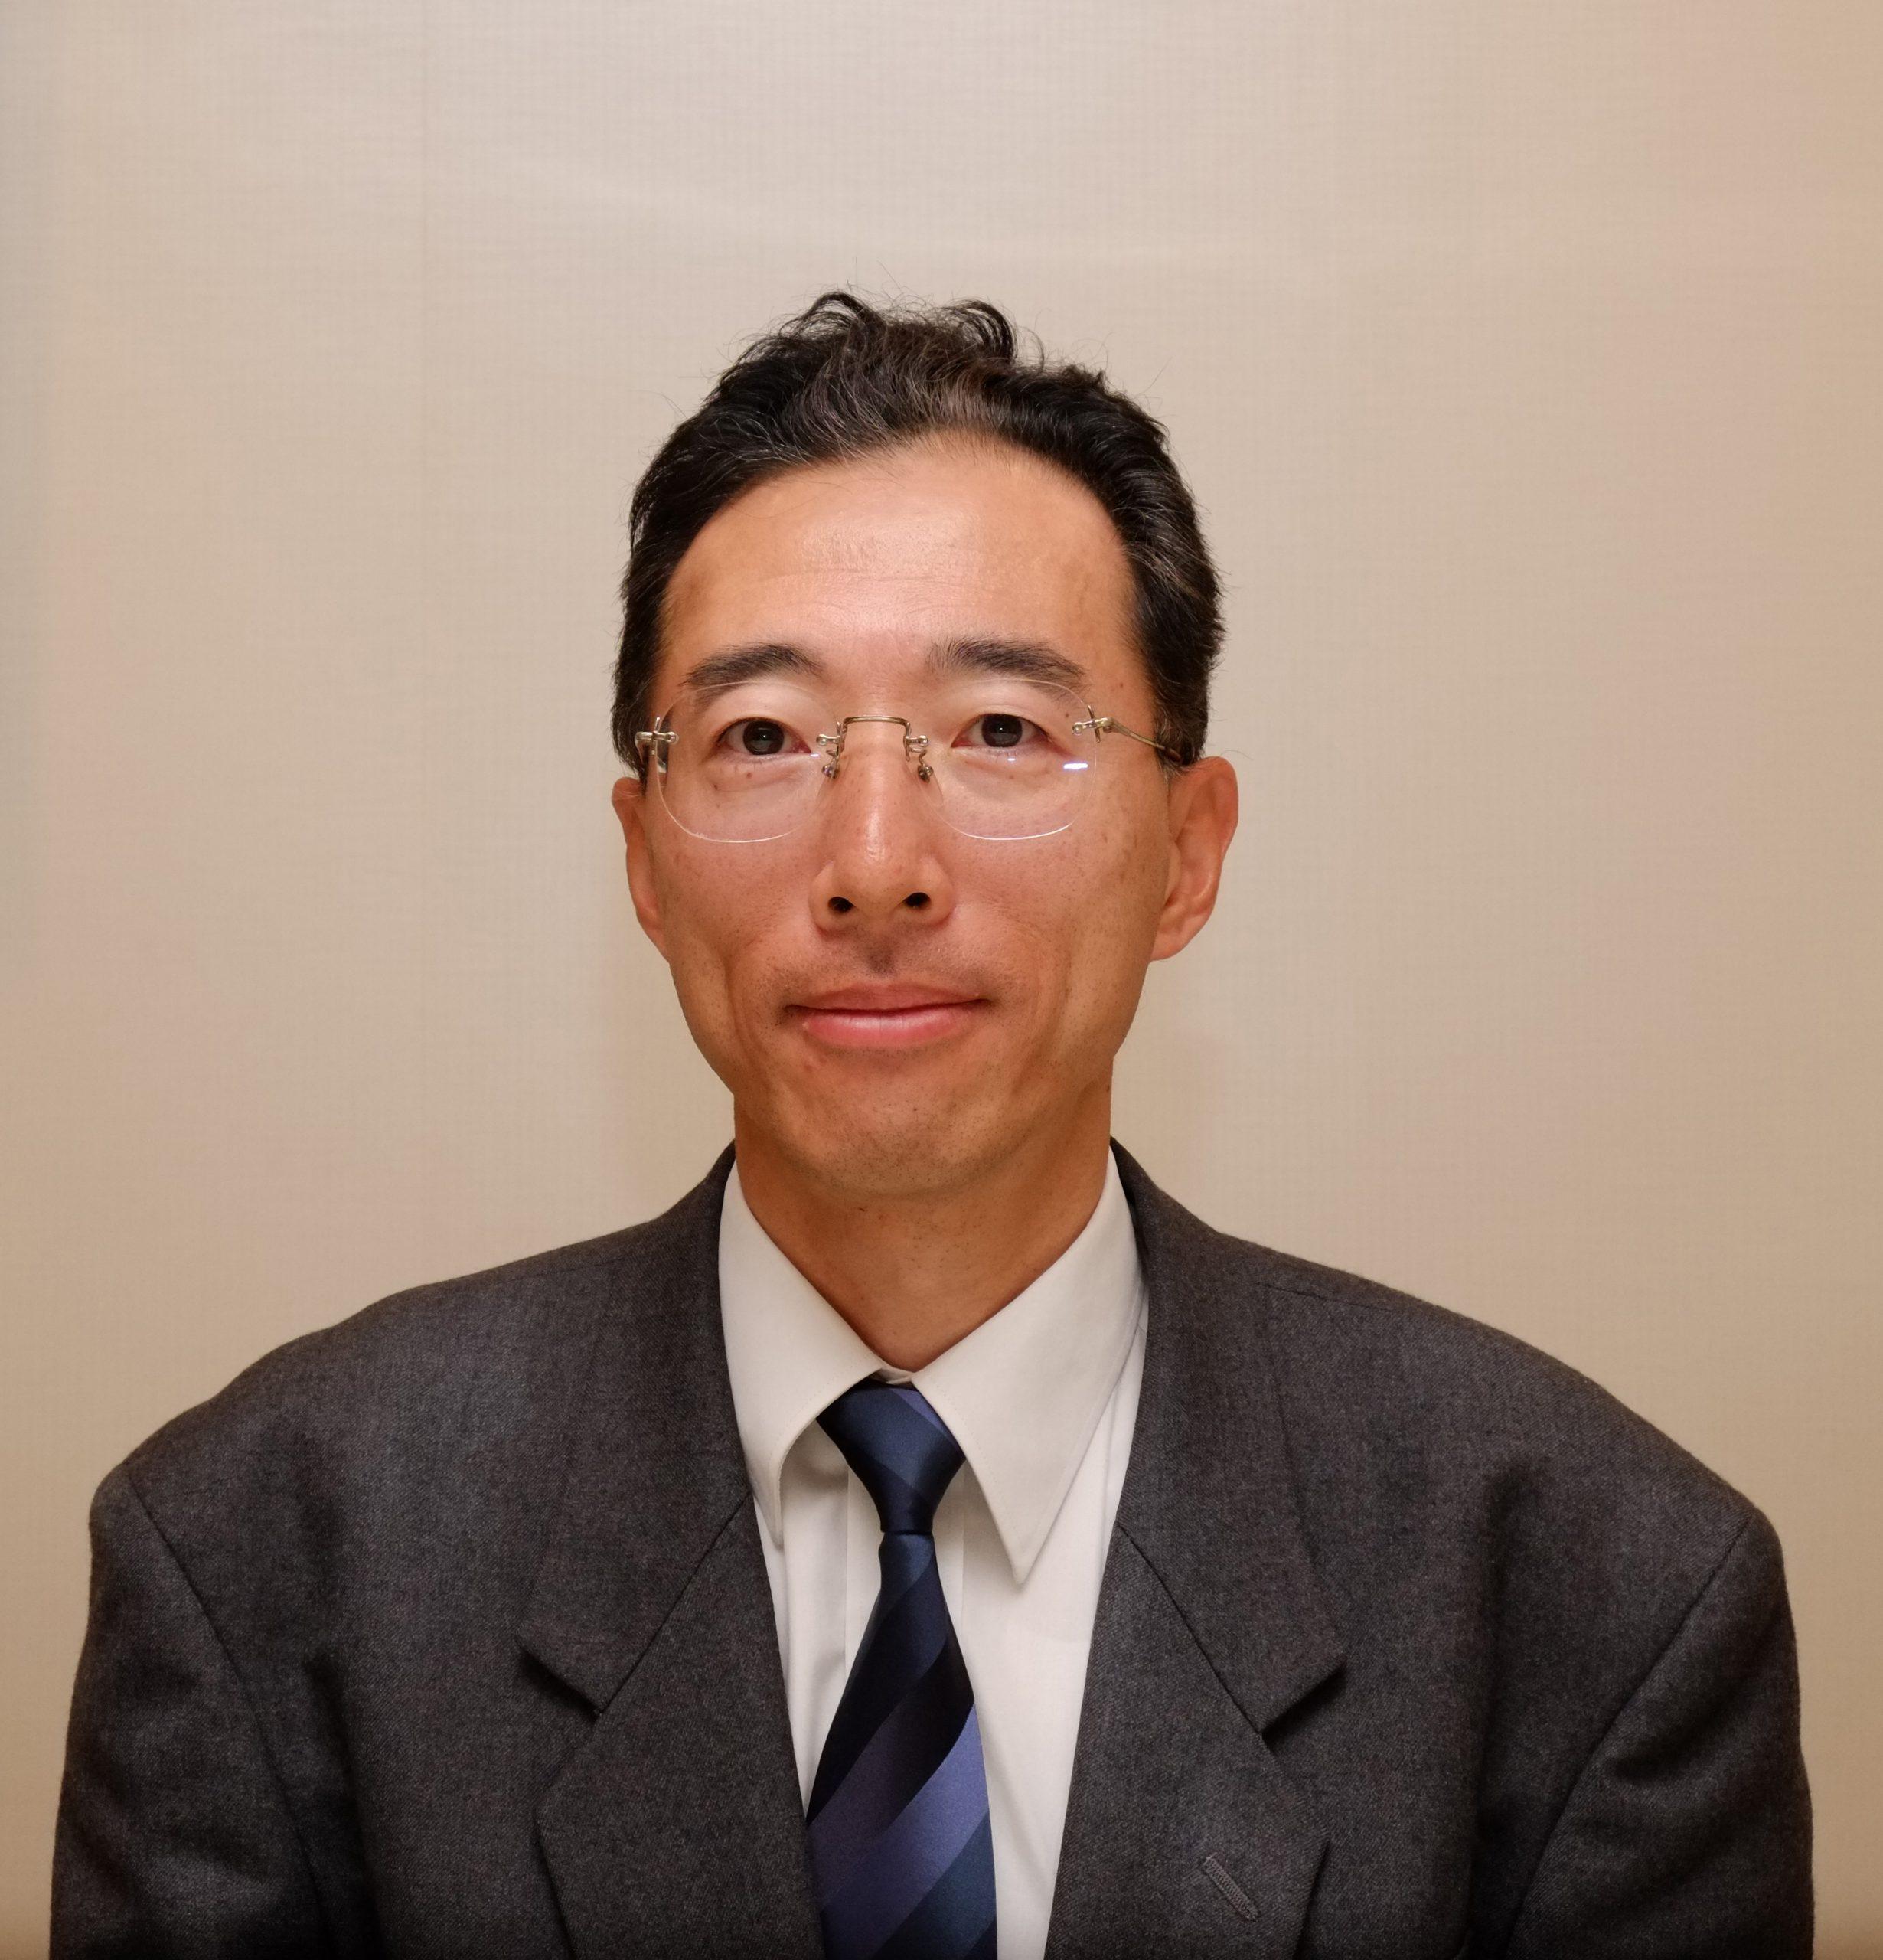 筑波大学 内分泌代謝・糖尿病内科 准教授 矢作直也先生